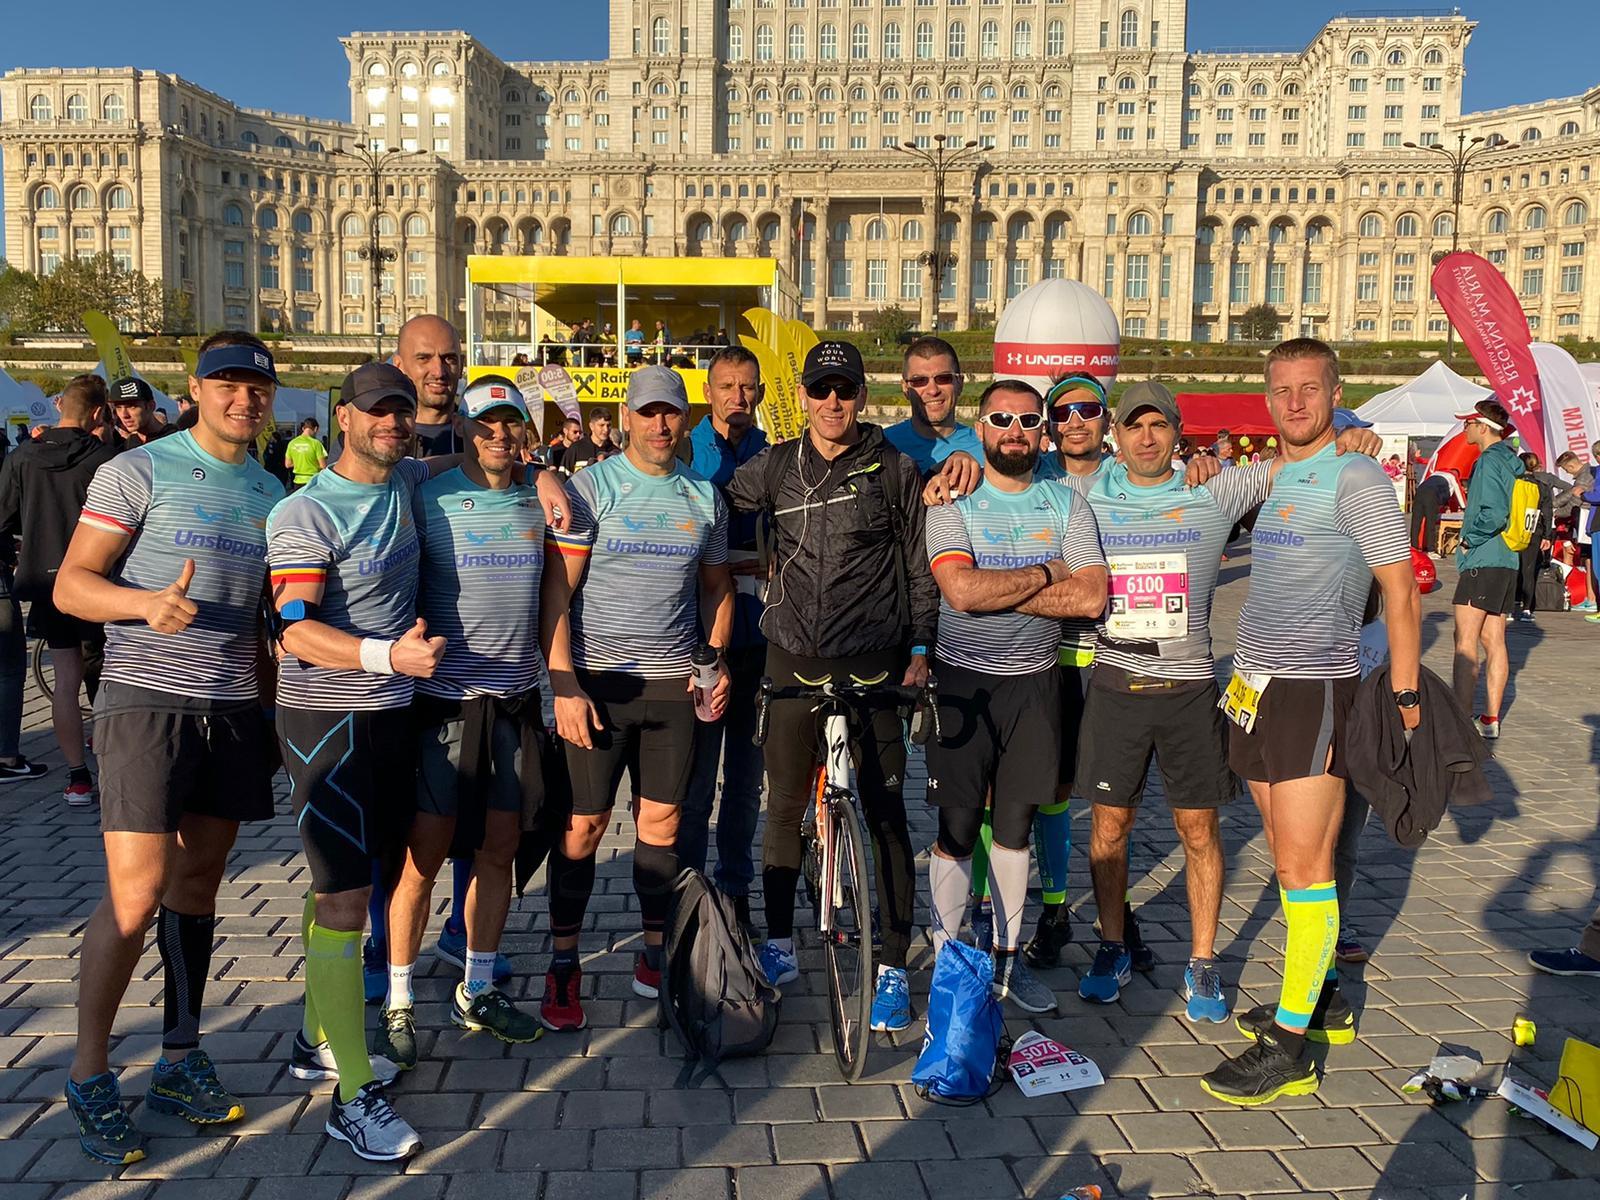 Unstoppable Sport Club - Maratonul Bucuresti 2019